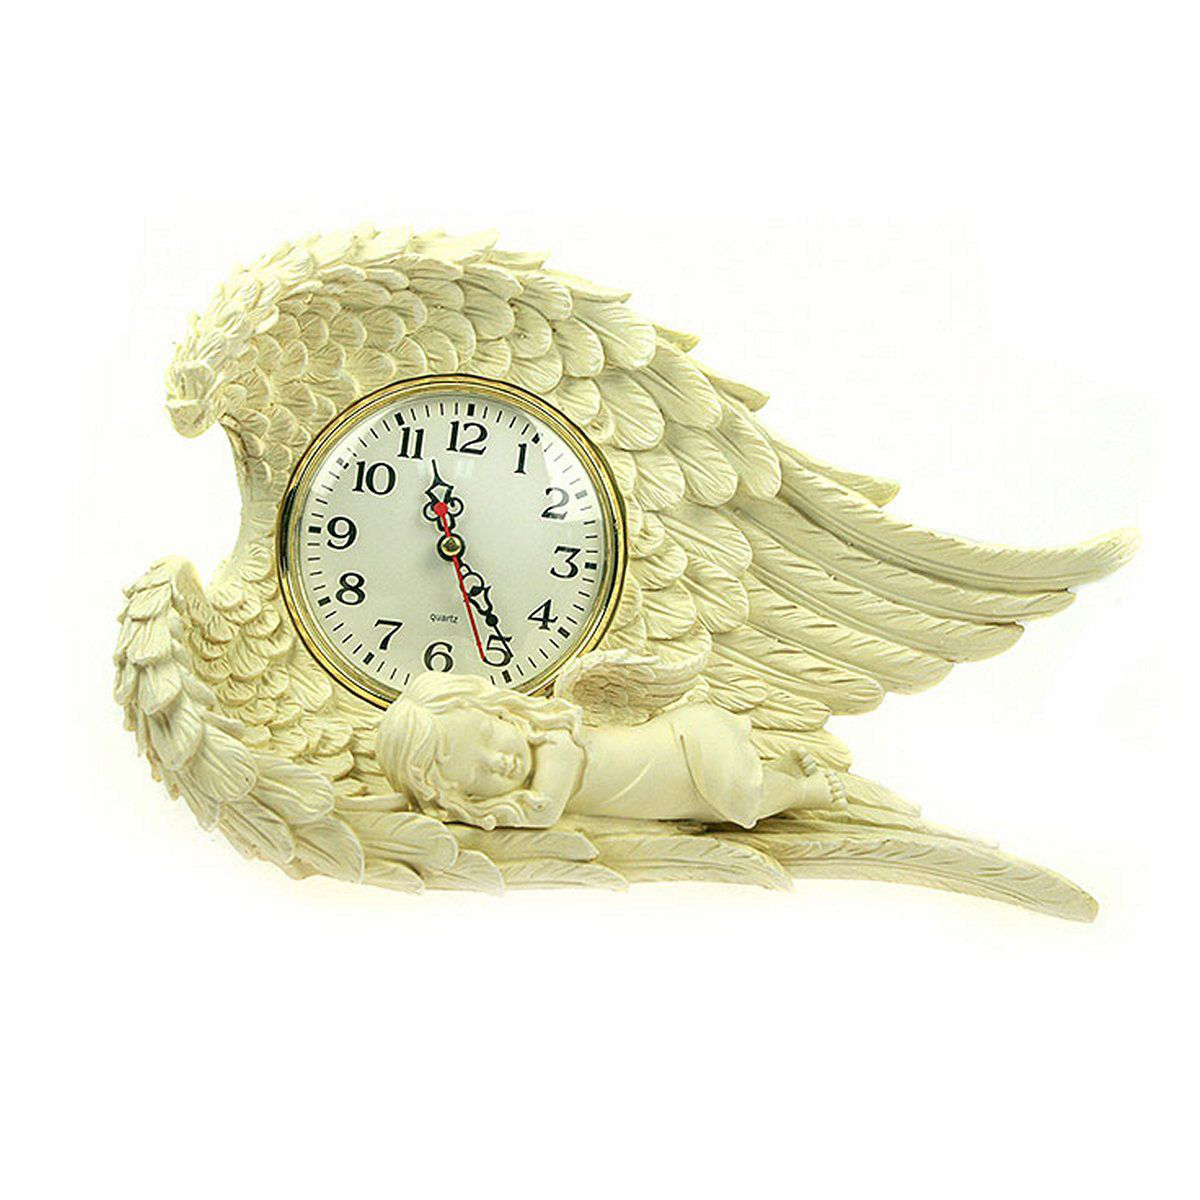 Часы настольные Русские Подарки Ангелочек, 31 х 20 х 10 см. 3641741491Настольные кварцевые часы Русские Подарки Ангелочек изготовлены из полистоуна, циферблат защищен стеклом. Часы имеют три стрелки - часовую, минутную и секундную.Изящные часы красиво и оригинально оформят интерьер дома или рабочий стол в офисе. Также часы могут стать уникальным, полезным подарком для родственников, коллег, знакомых и близких.